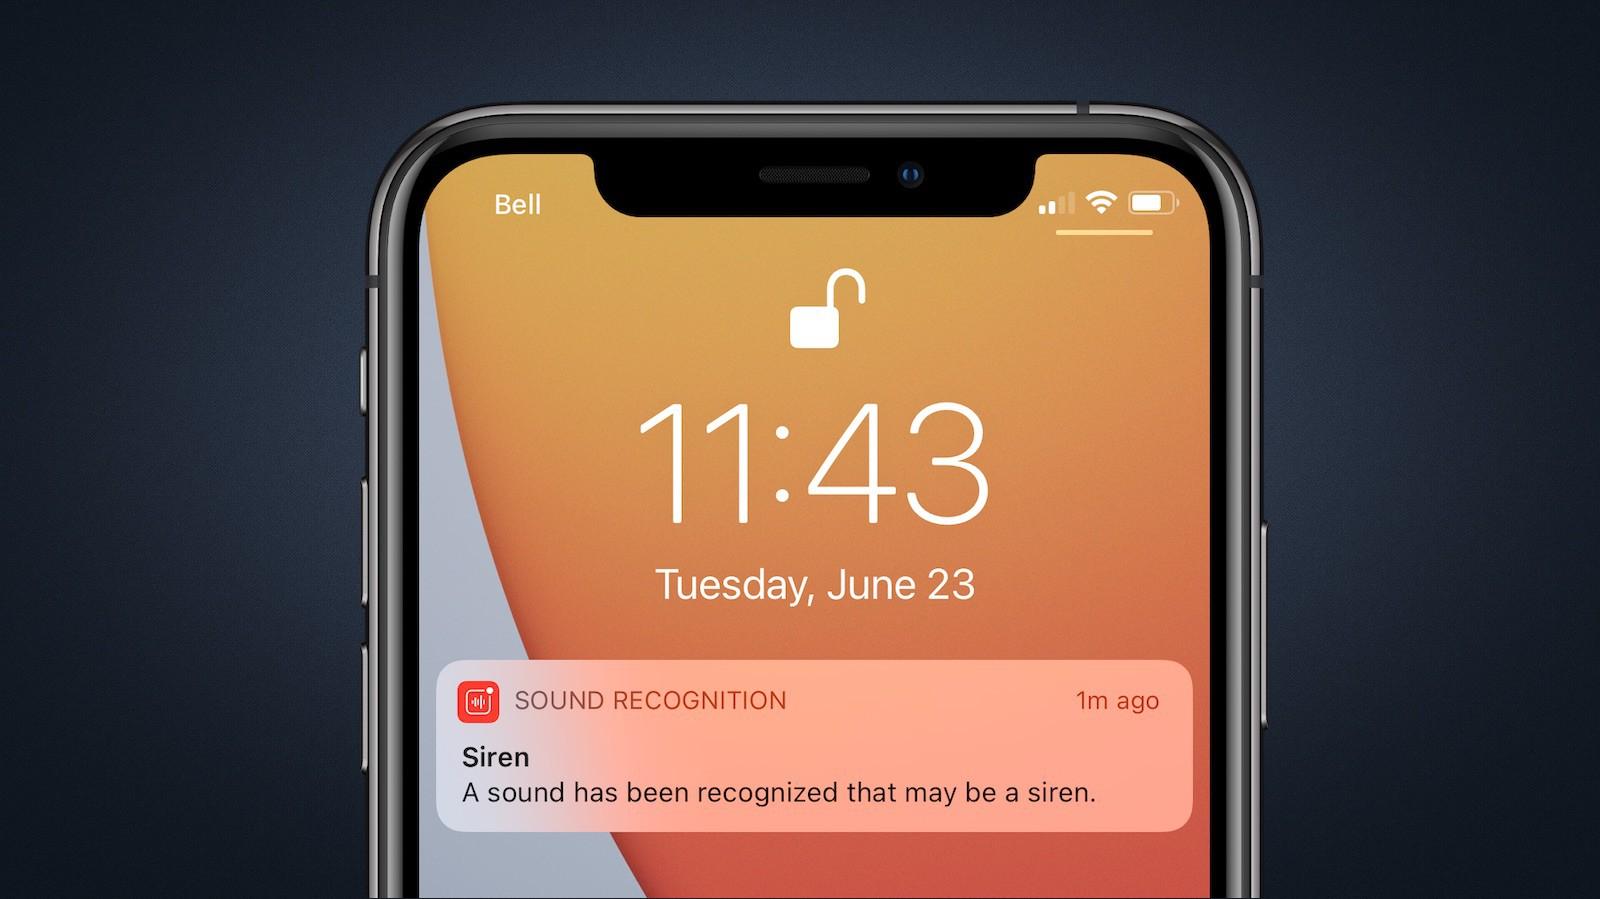 В iOS 14 добавили уведомления о тревожных звуках типа пожарной сигнализации